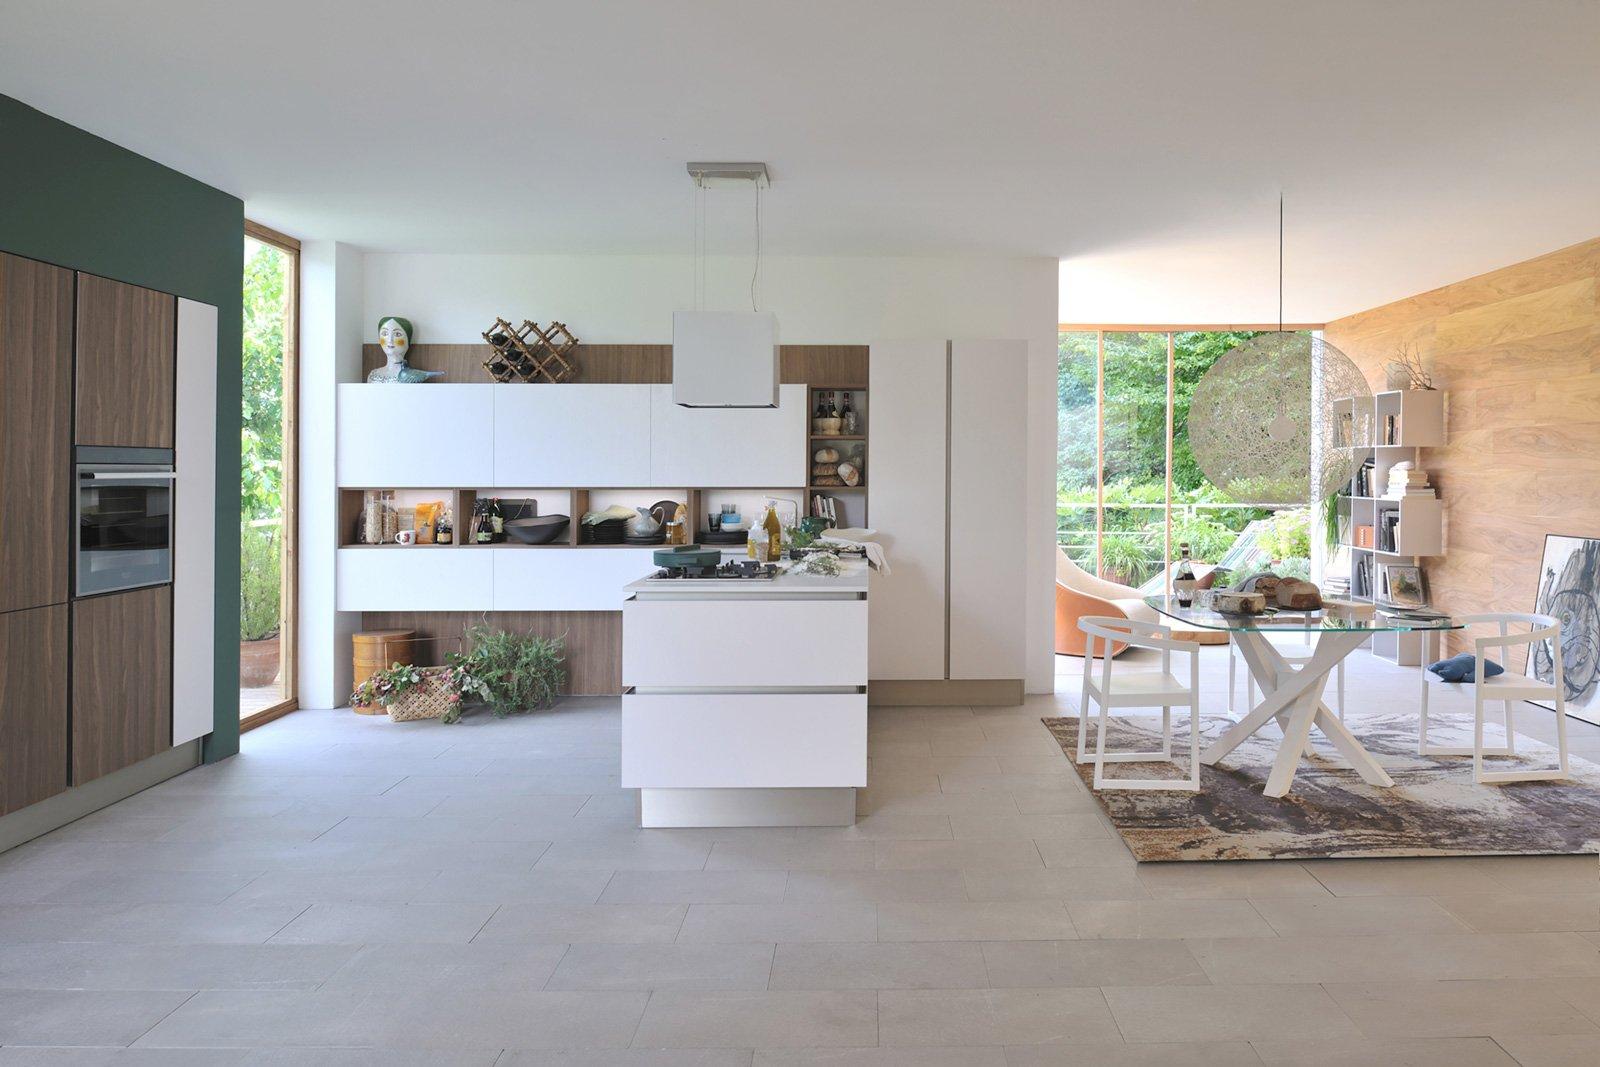 Cucine a vista per il loft nel soggiorno open space - Sala e cucina ...